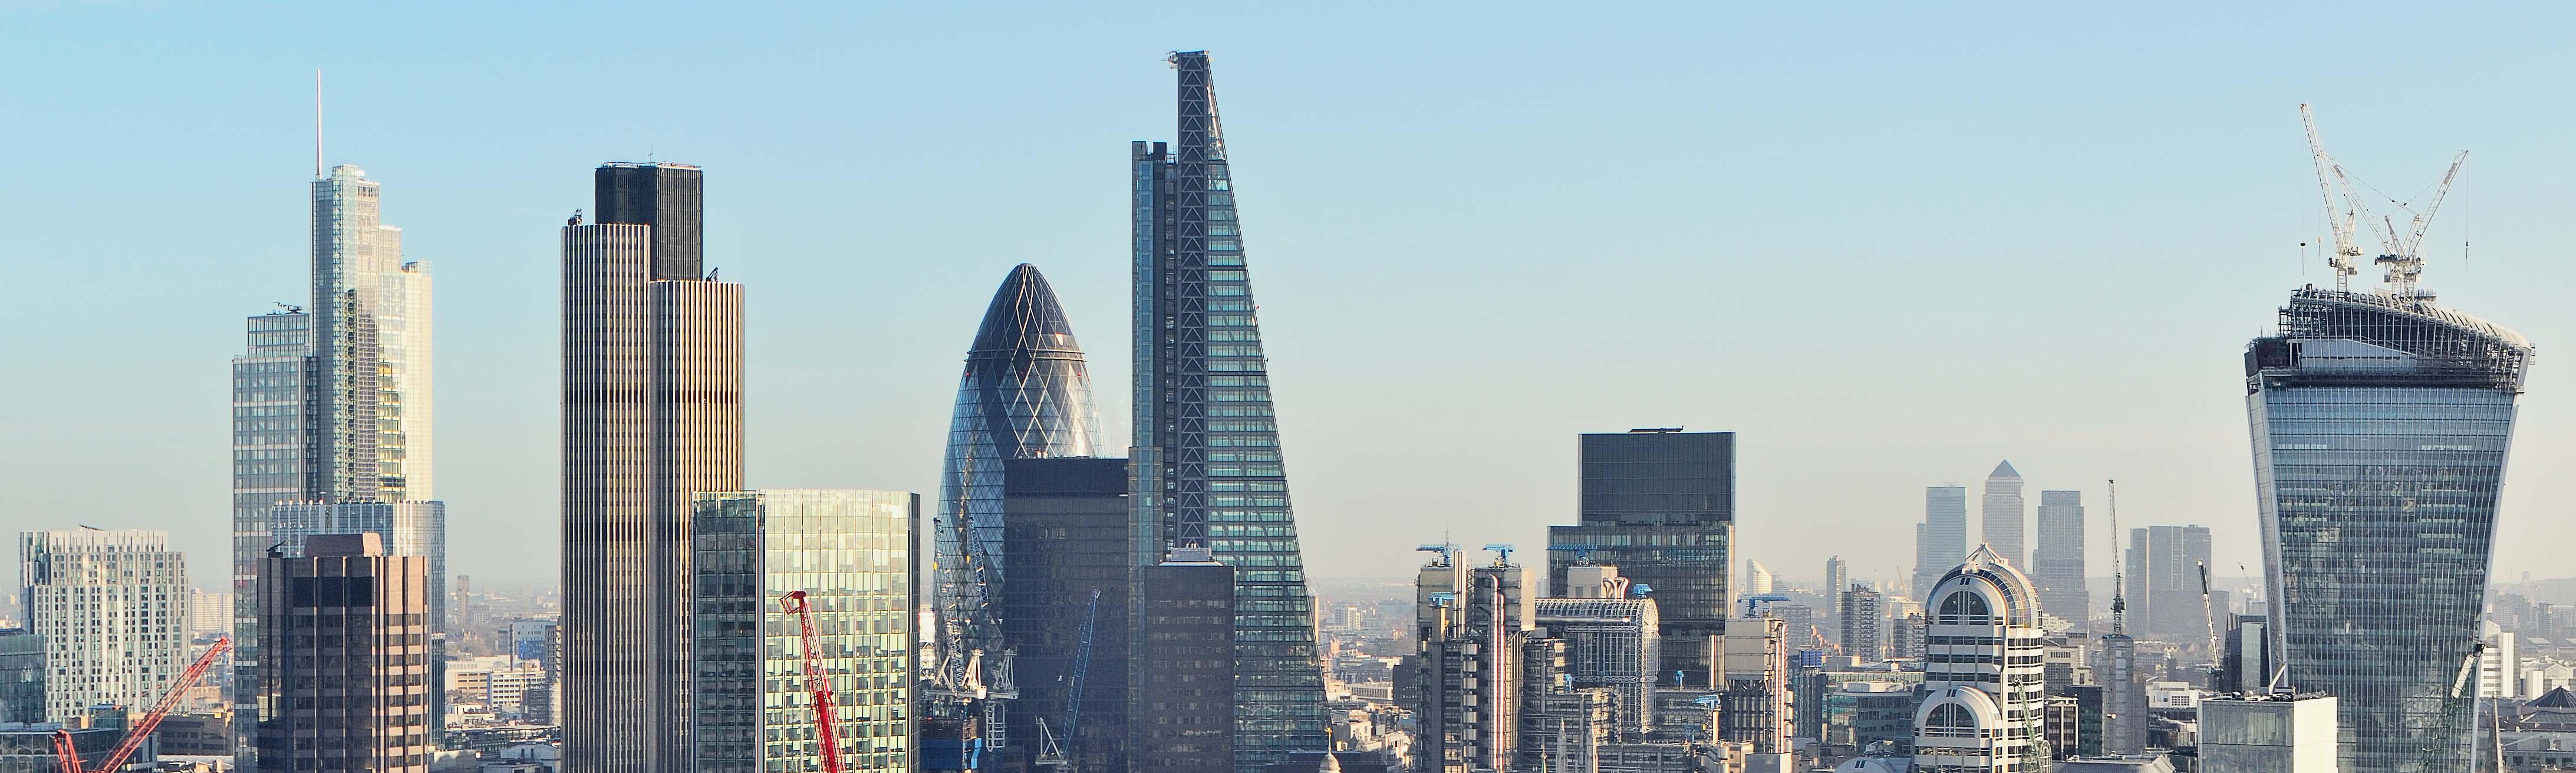 Huur een zaal De City Londen